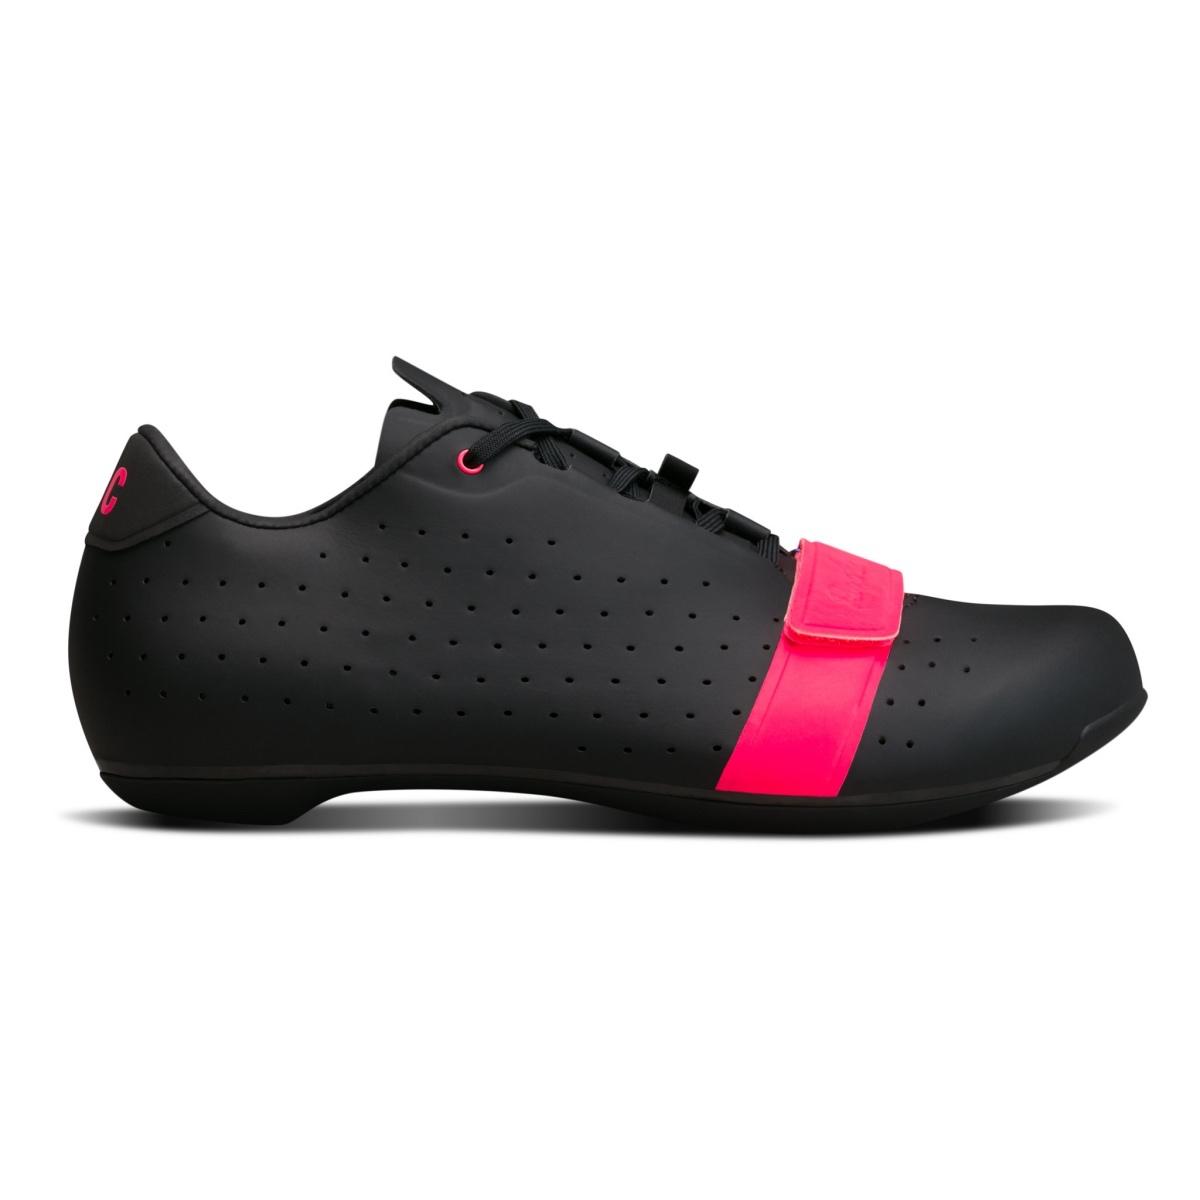 Rapha Classic Shoes